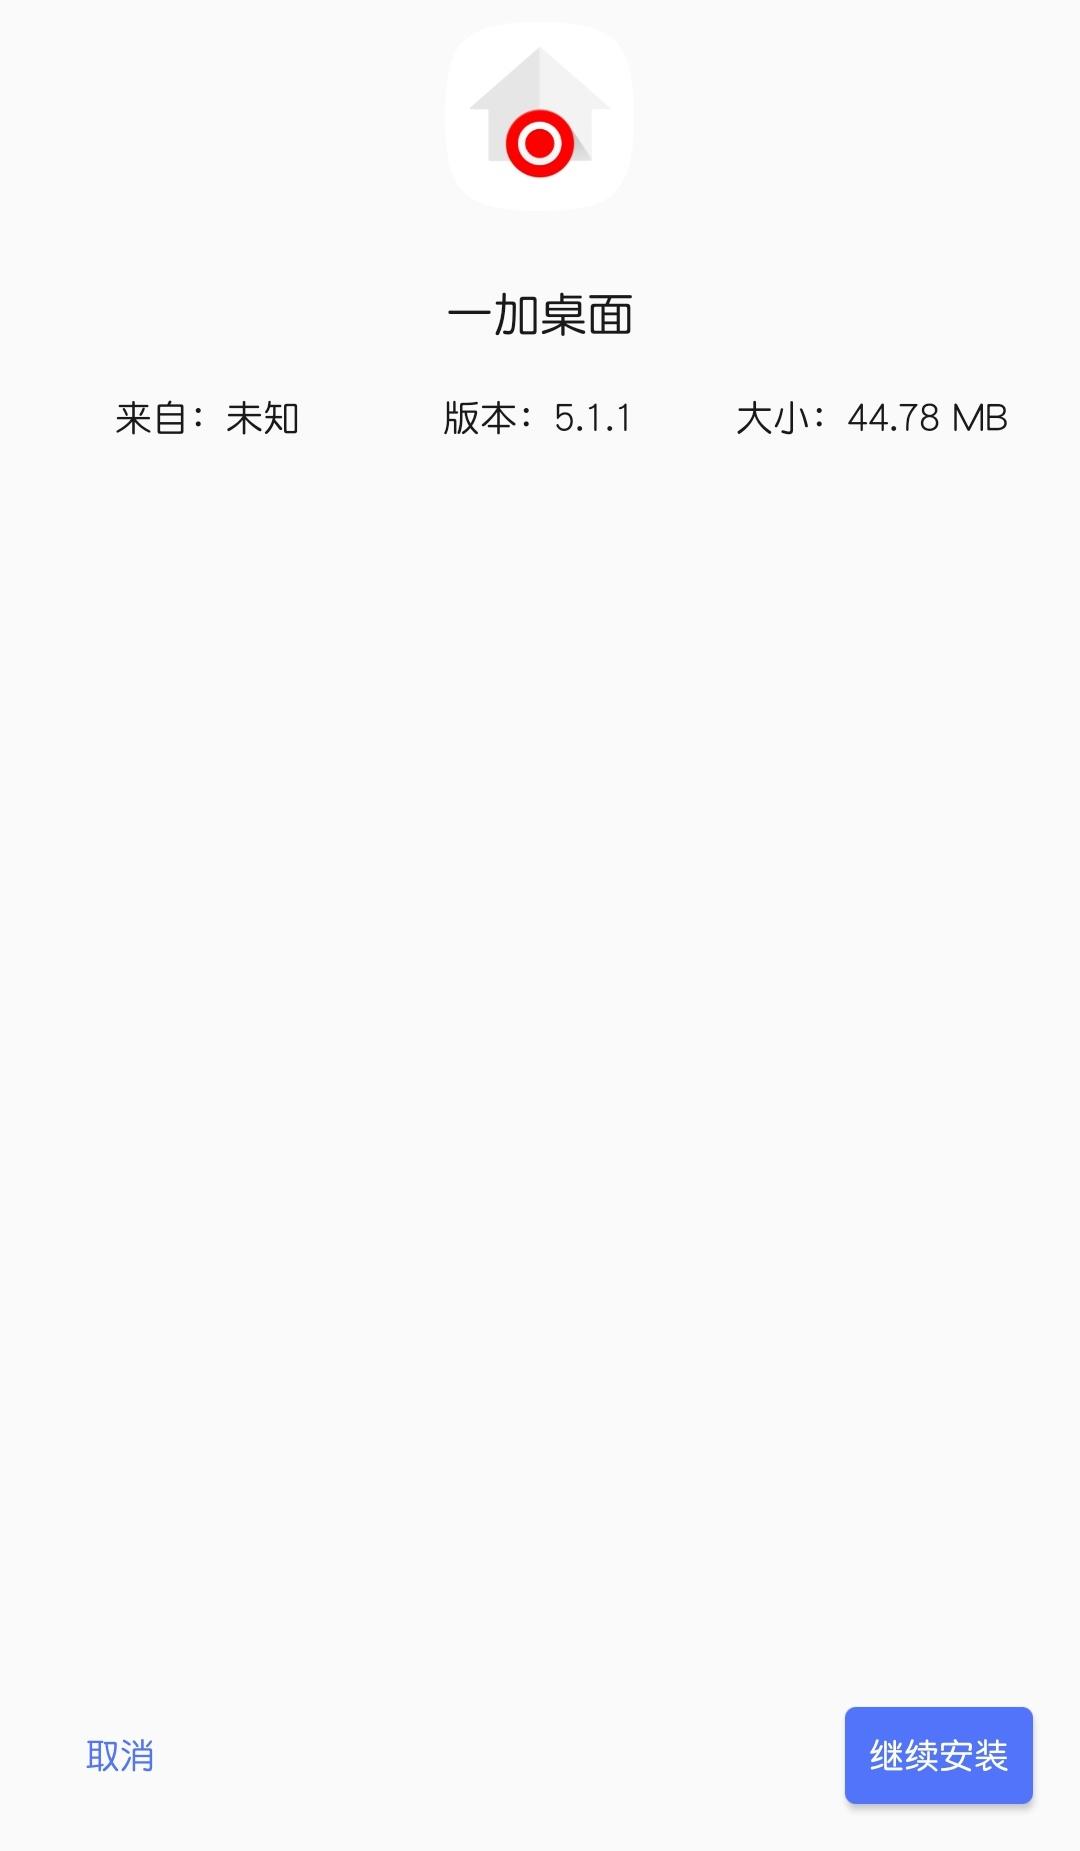 Screenshot_20210416-150446-01.jpg